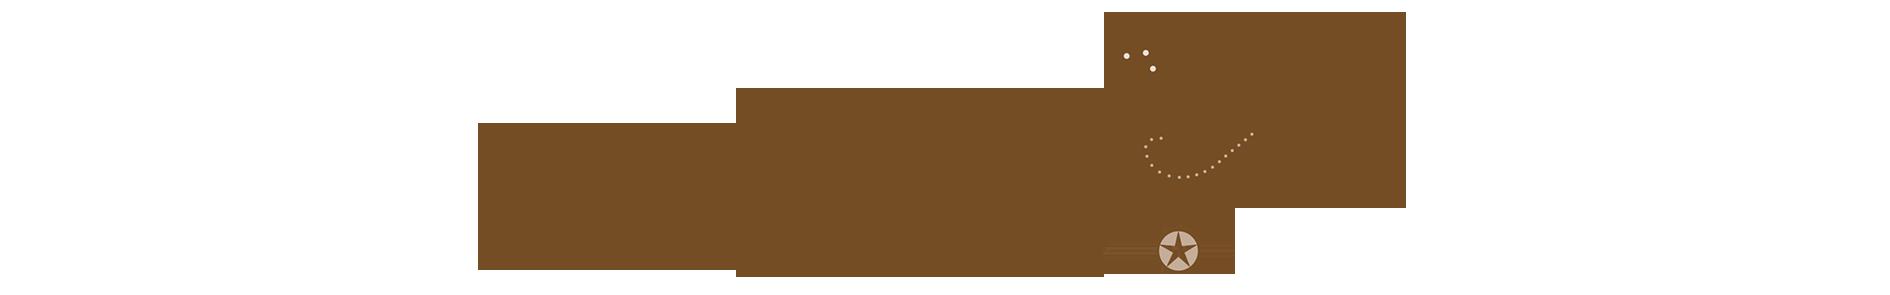 Pauline Meijer illustraties en ontwerpen © 2019